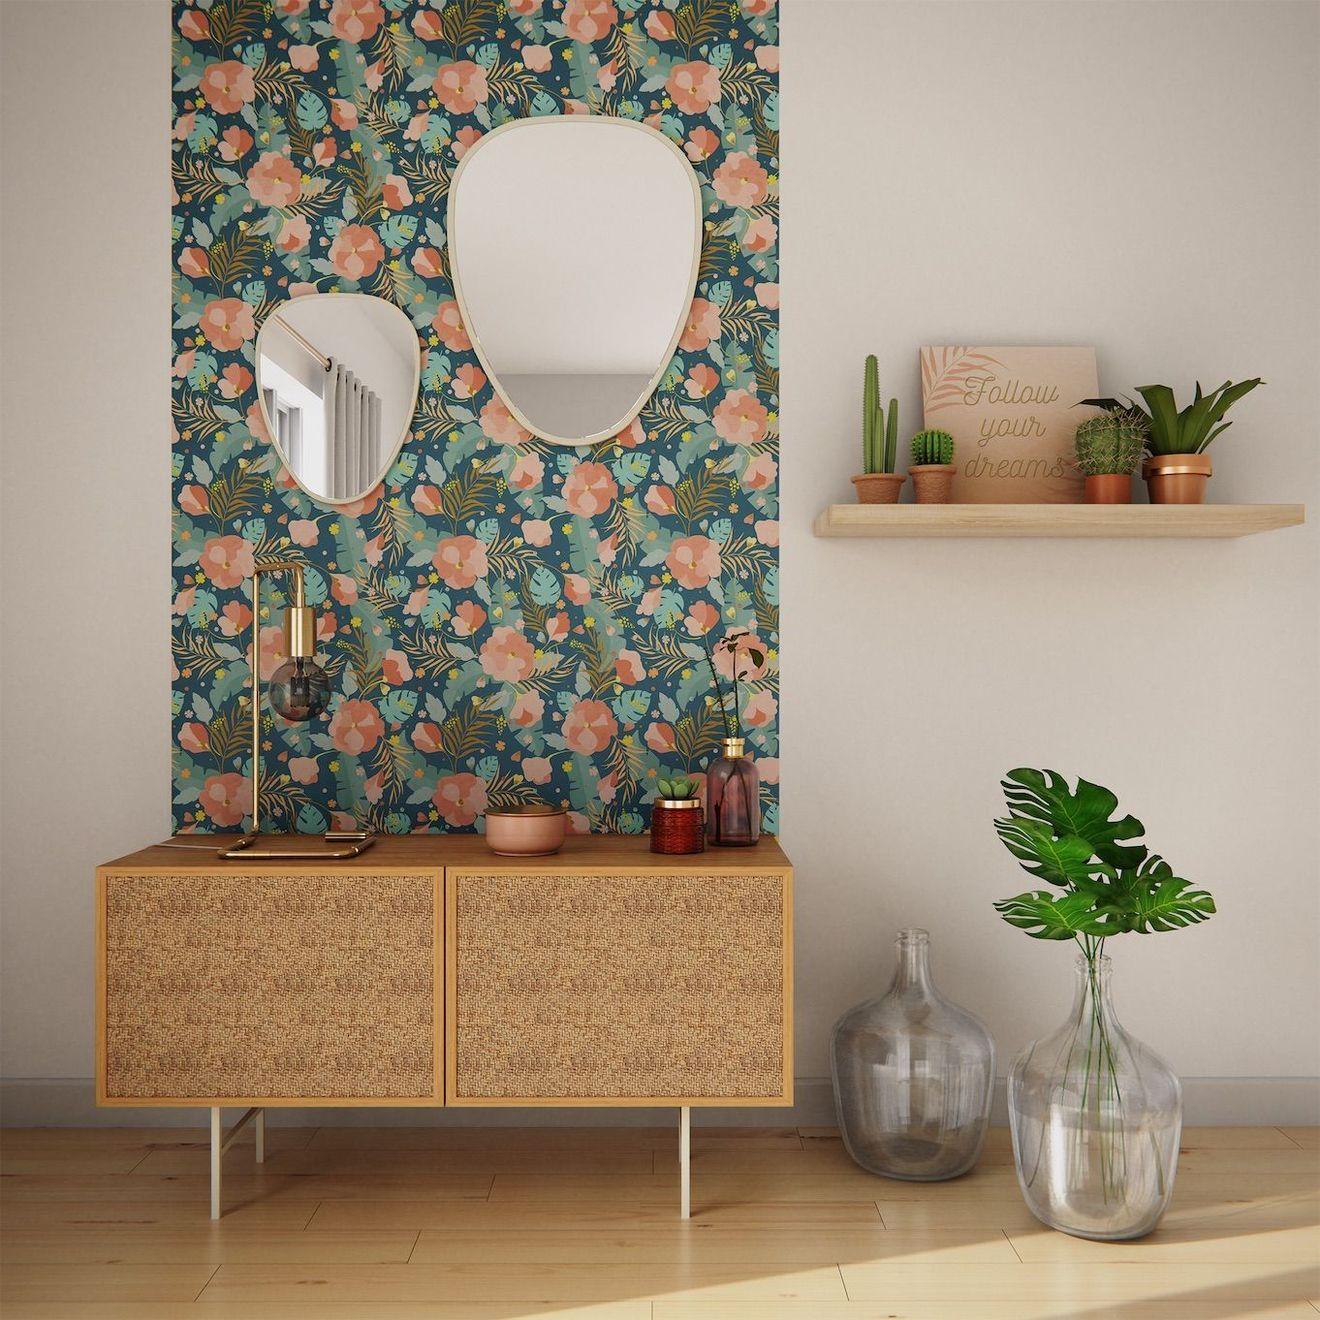 Papier peint fleuri : la nature et les fleurs sinvitent sur les murs